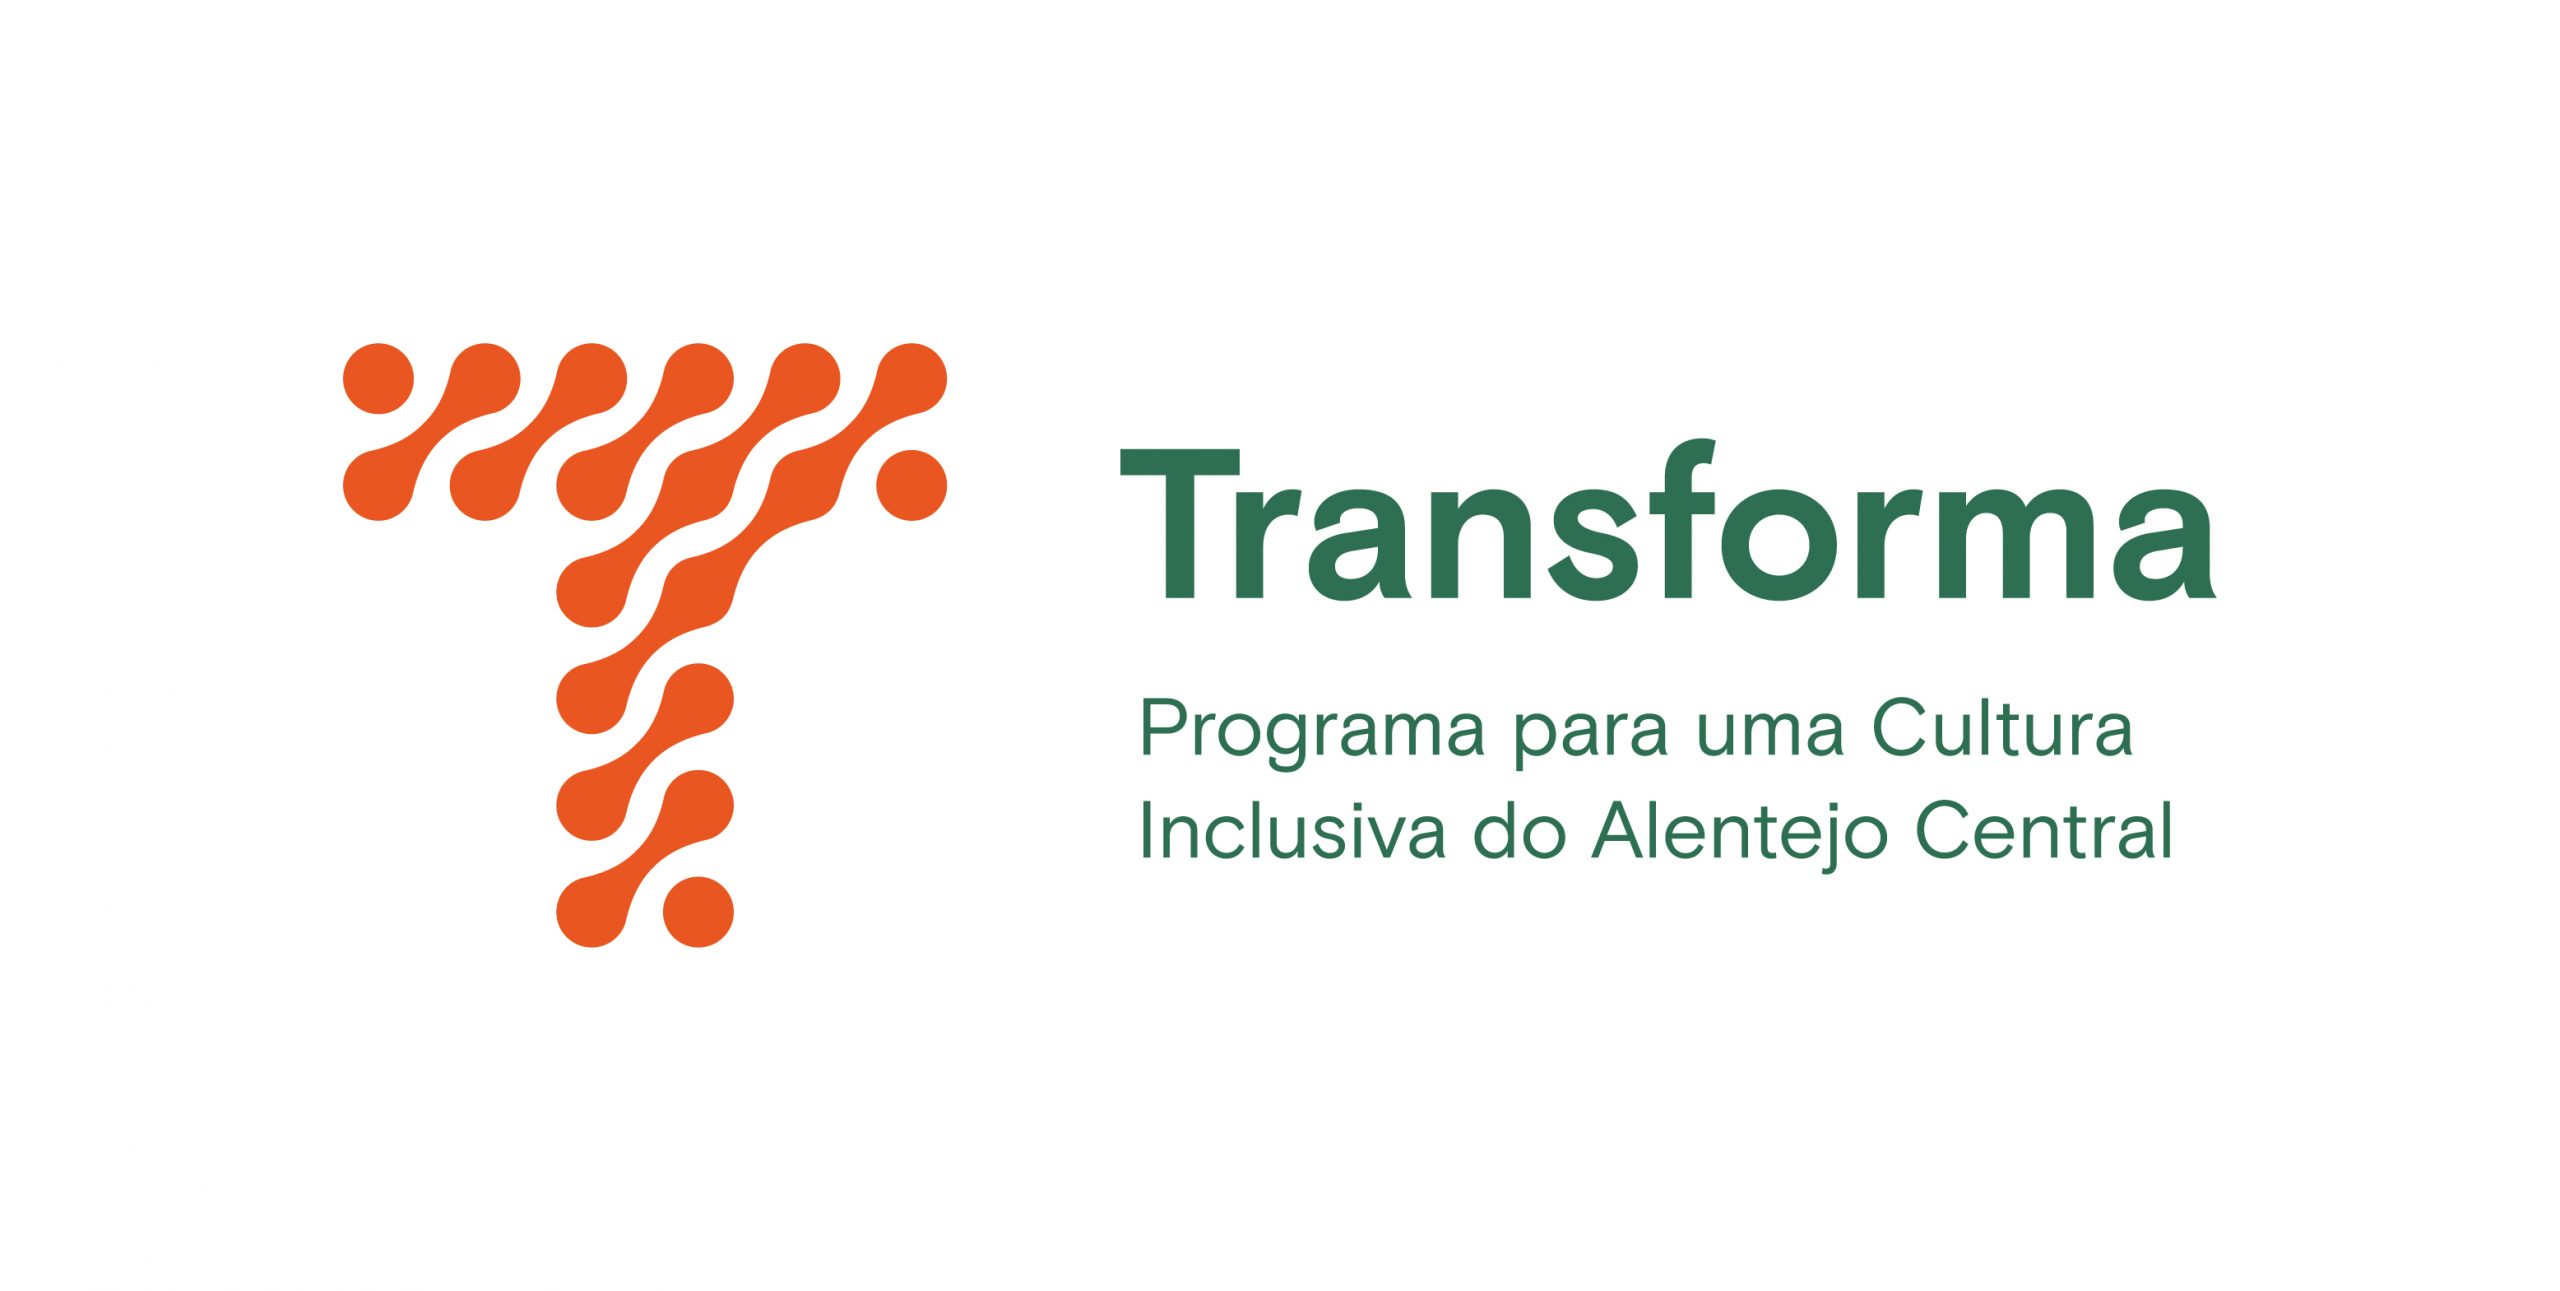 Transforma – Programa para uma Cultura Inclusiva do Alentejo Central, coordenado pela CIMAC